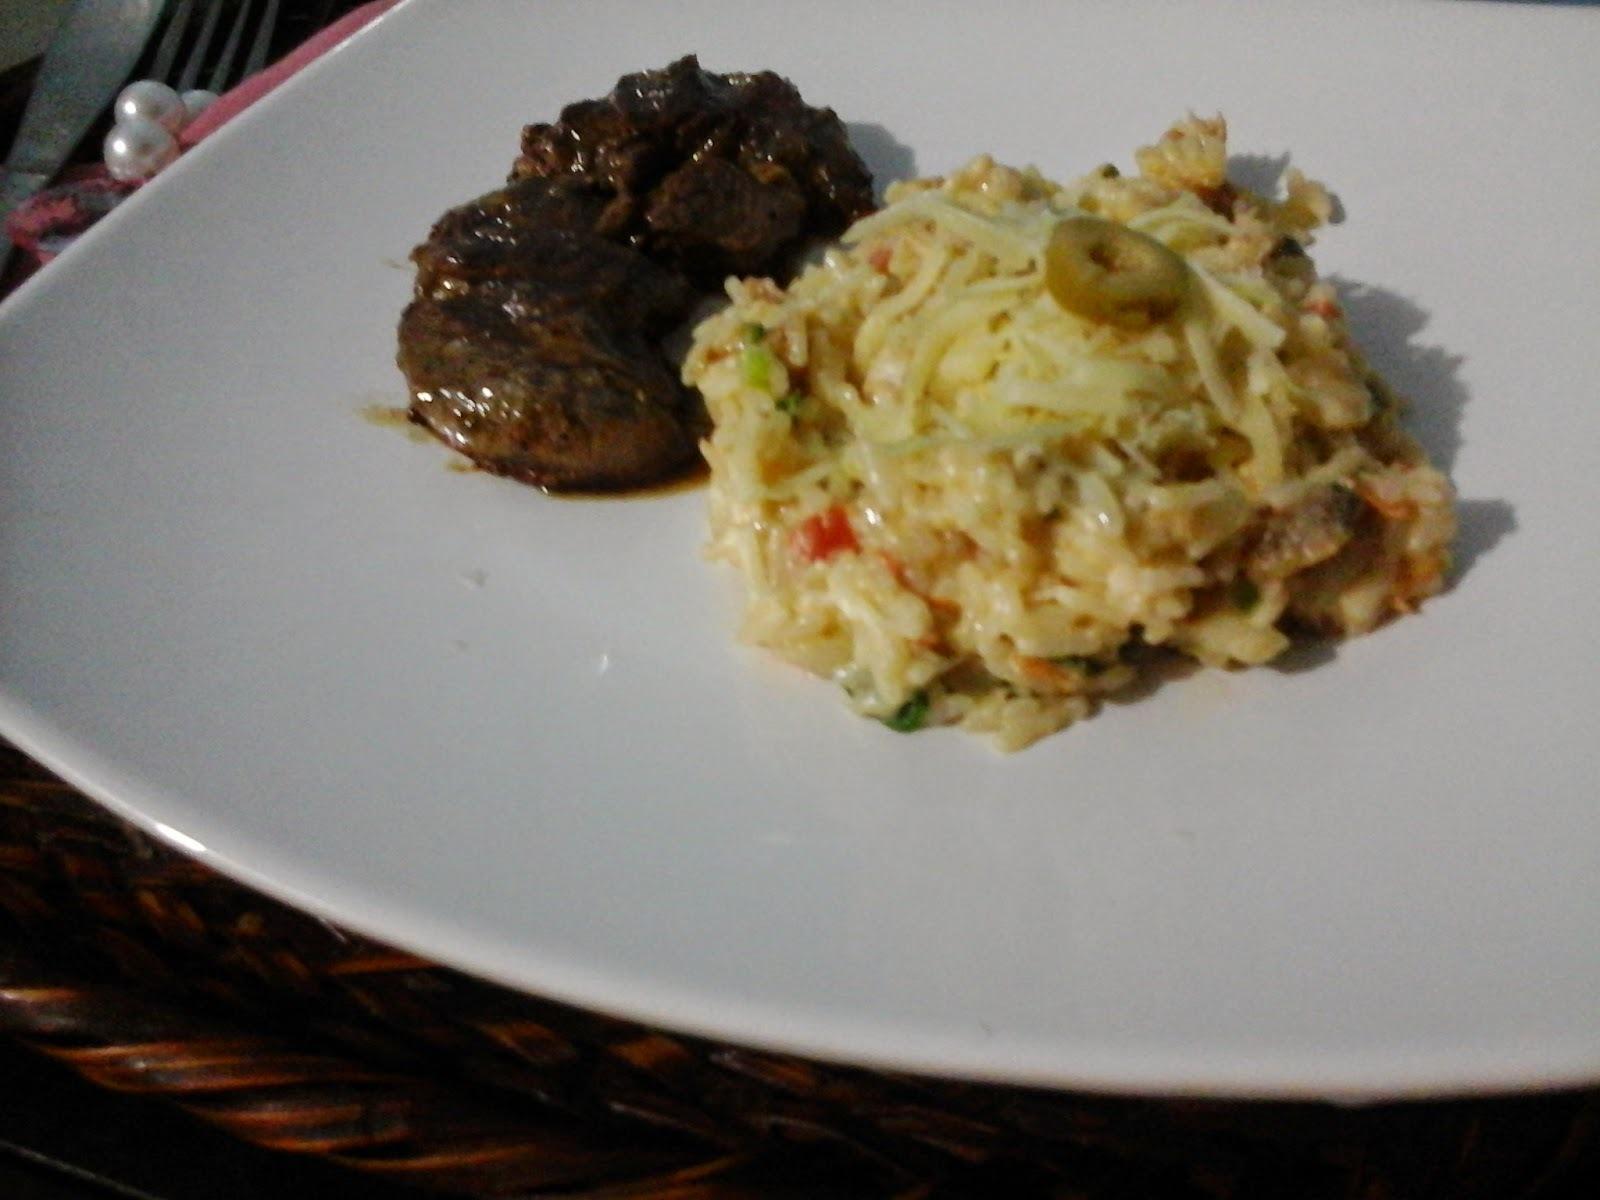 arroz cremoso com maionese hellmann